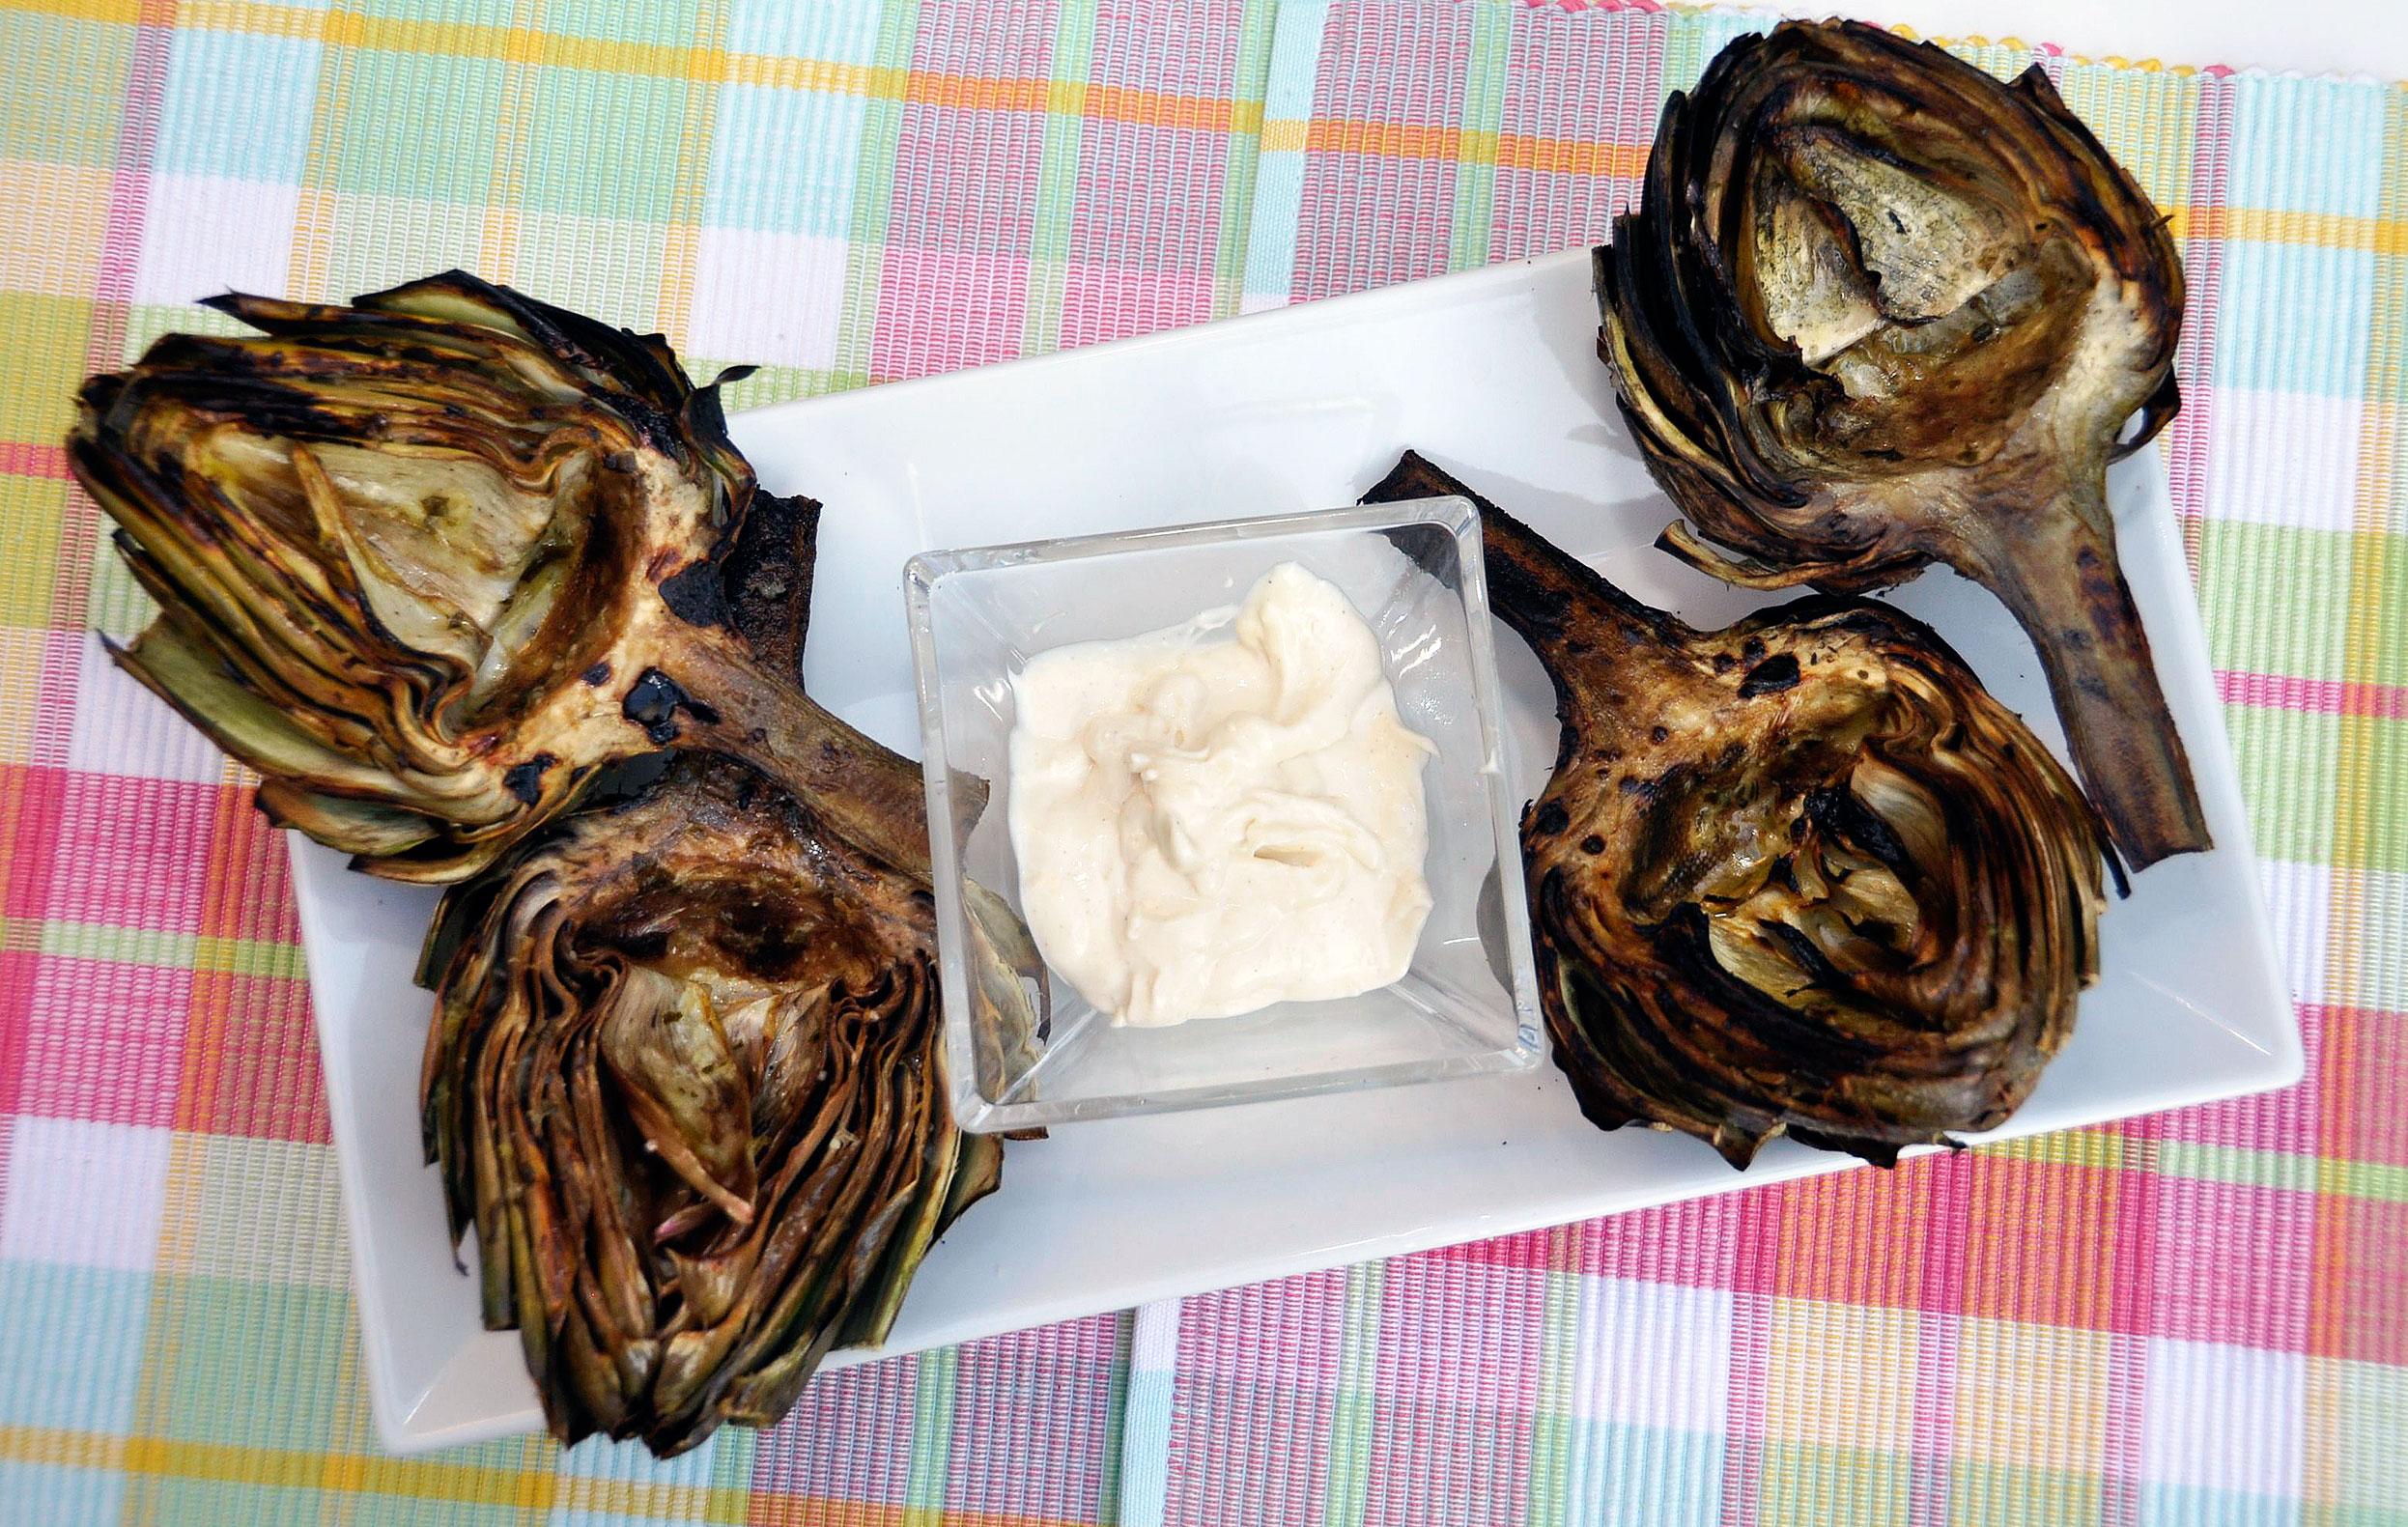 Recipe: Grilled Artichoke + Garlic Aioli